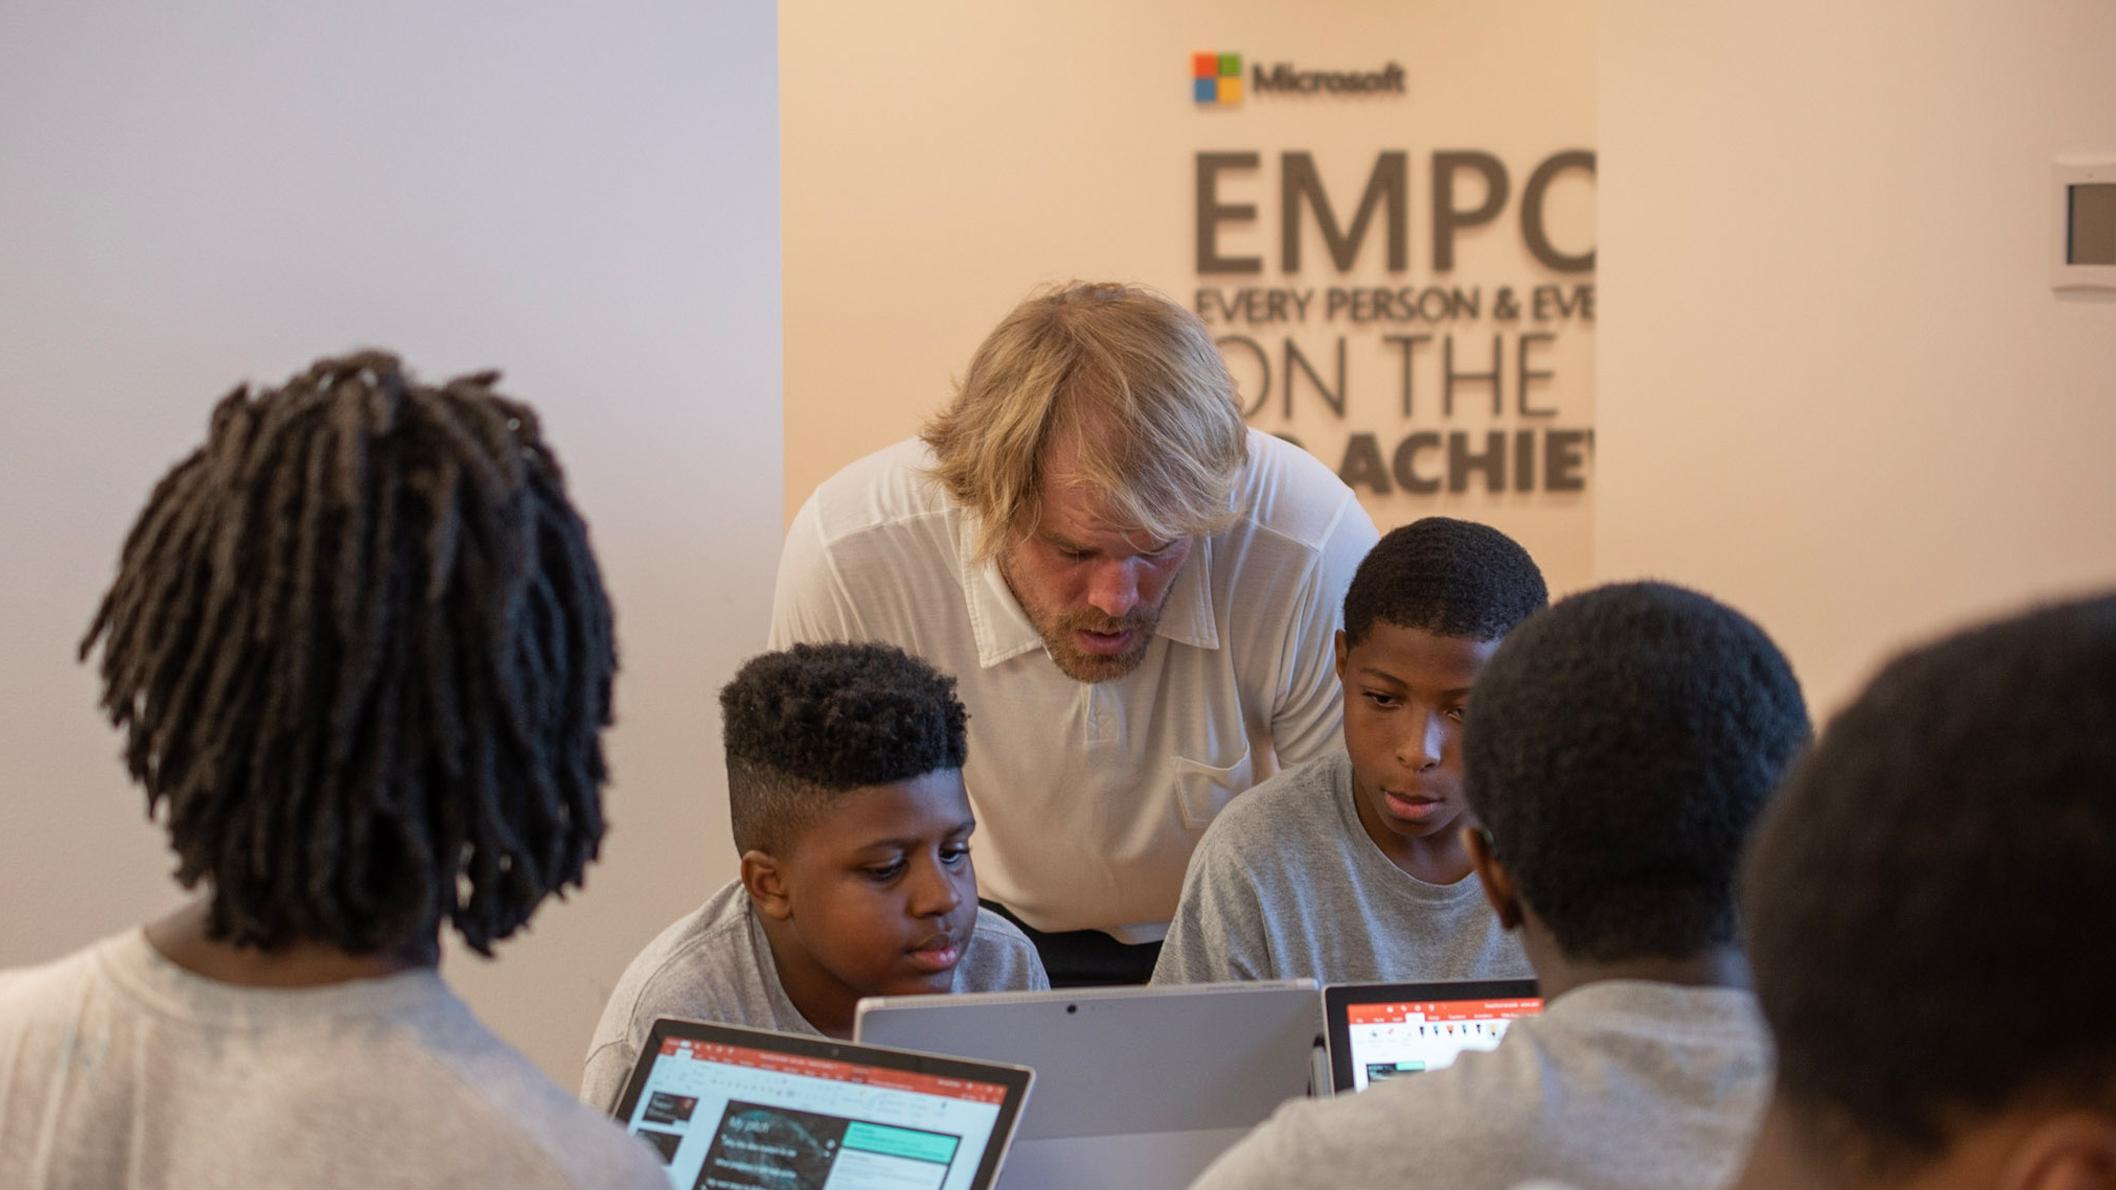 Greg Olsen travaille aux côtés d'élèves au cours d'un atelier Microsoft.